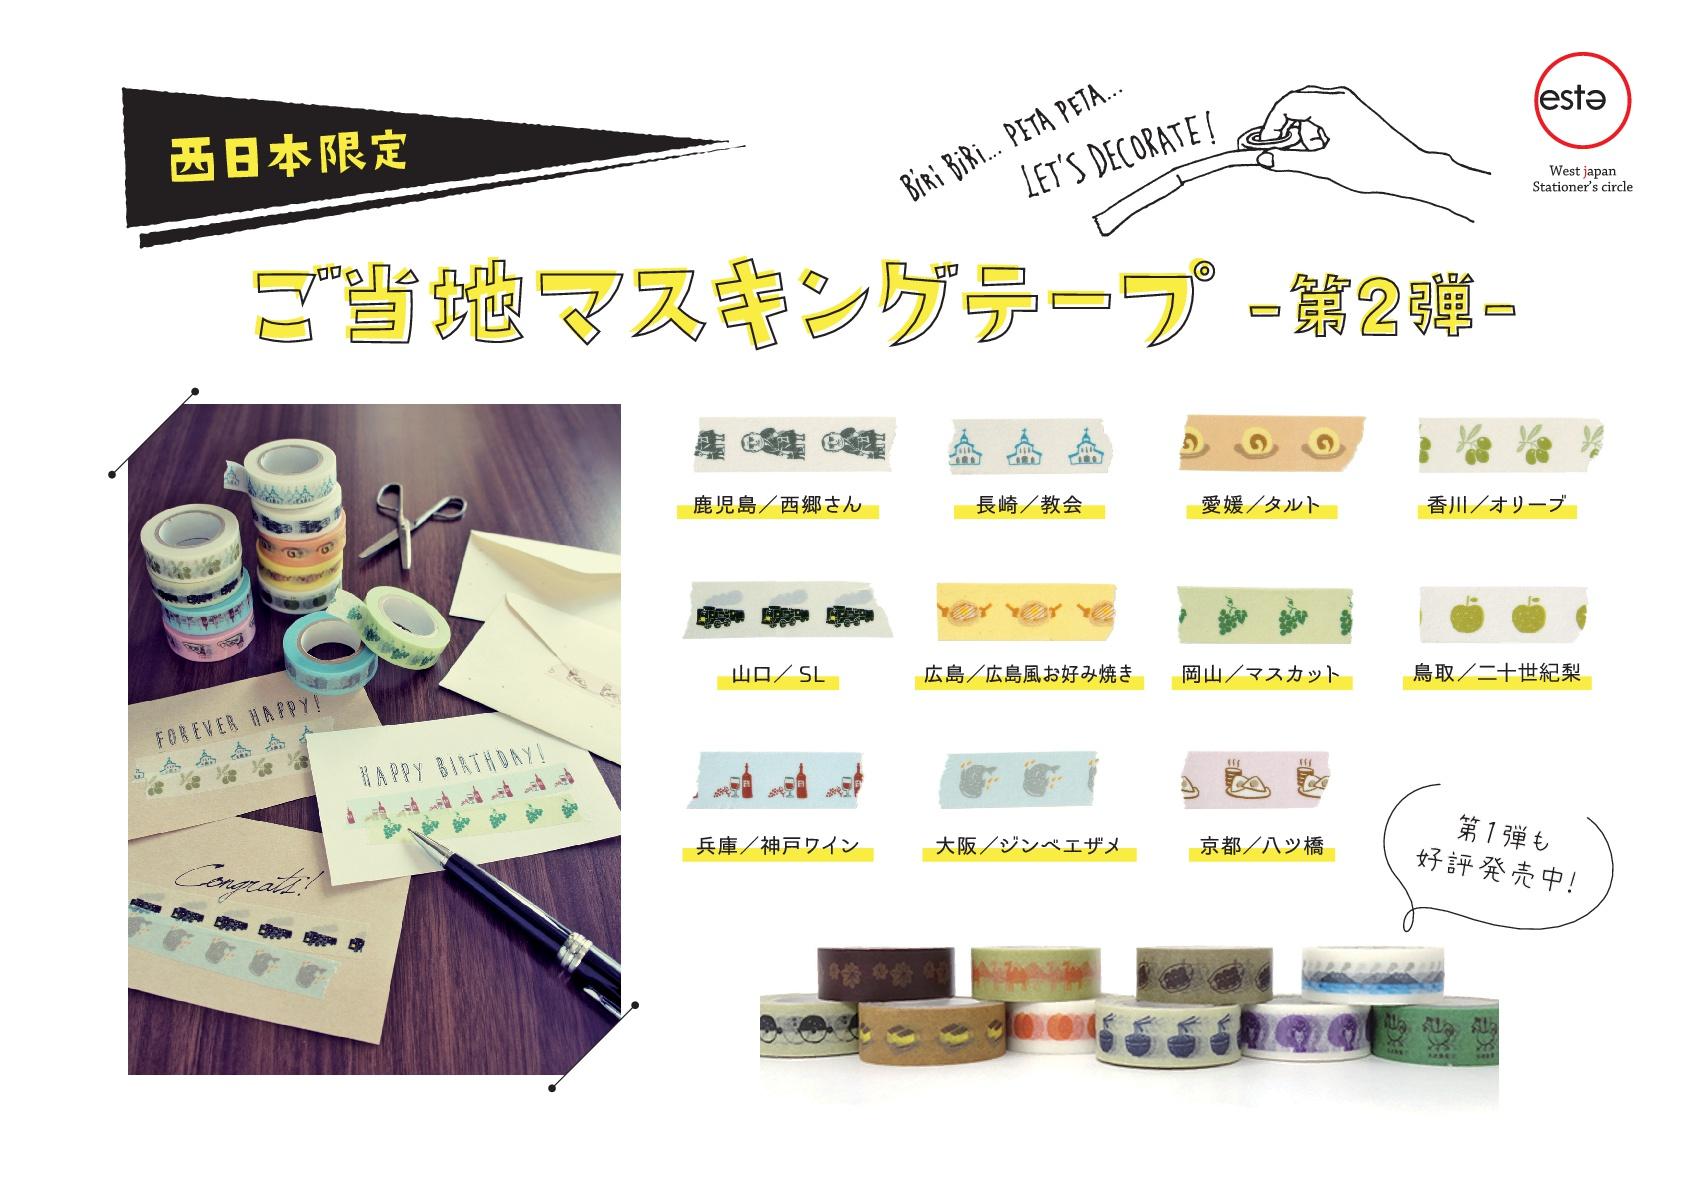 オエステ会オリジナルご当地マスキングテープ第2弾